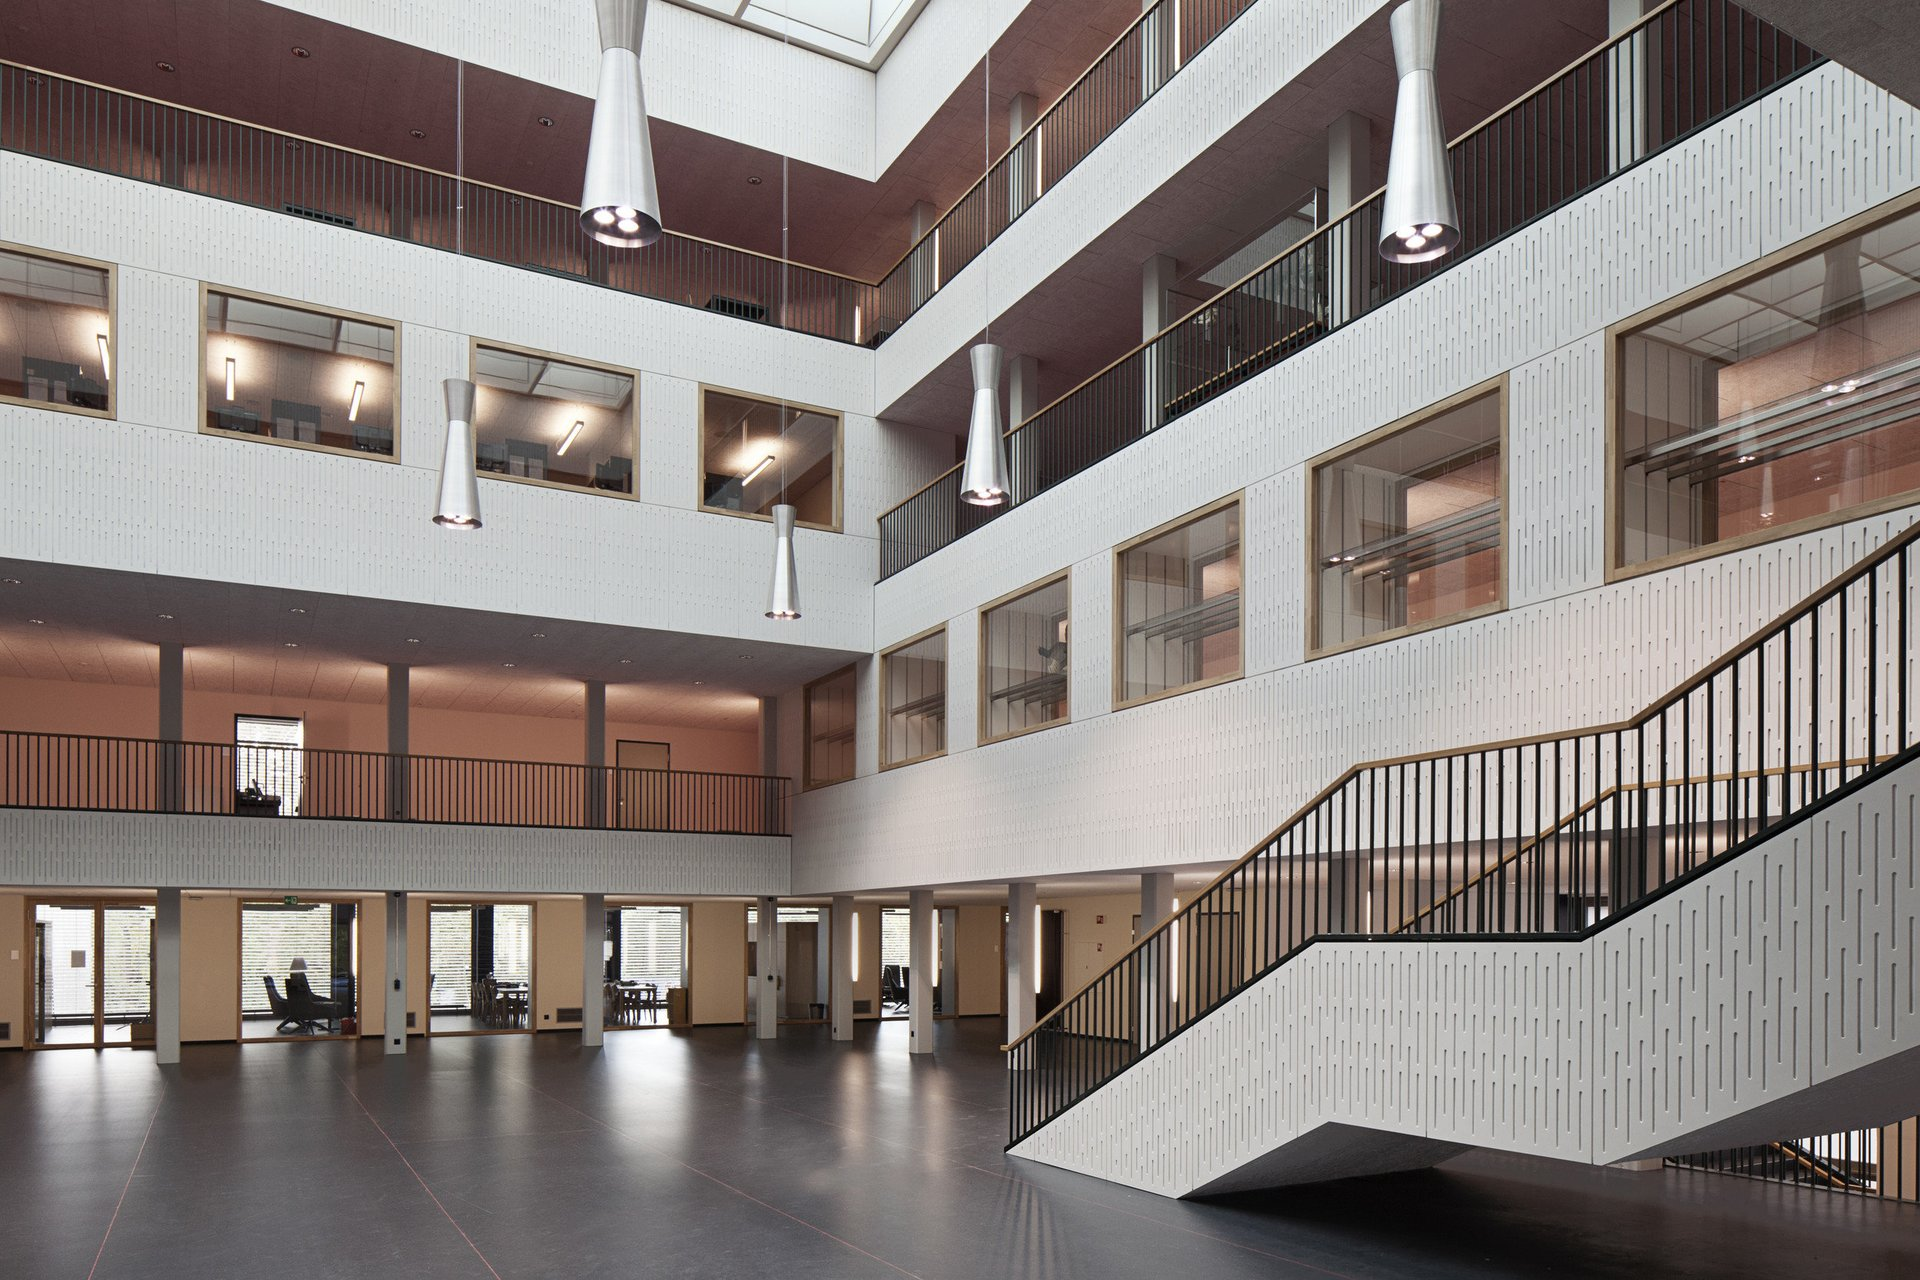 Schulhaus mit Innenhalle über mehrere Stockwerke saniert